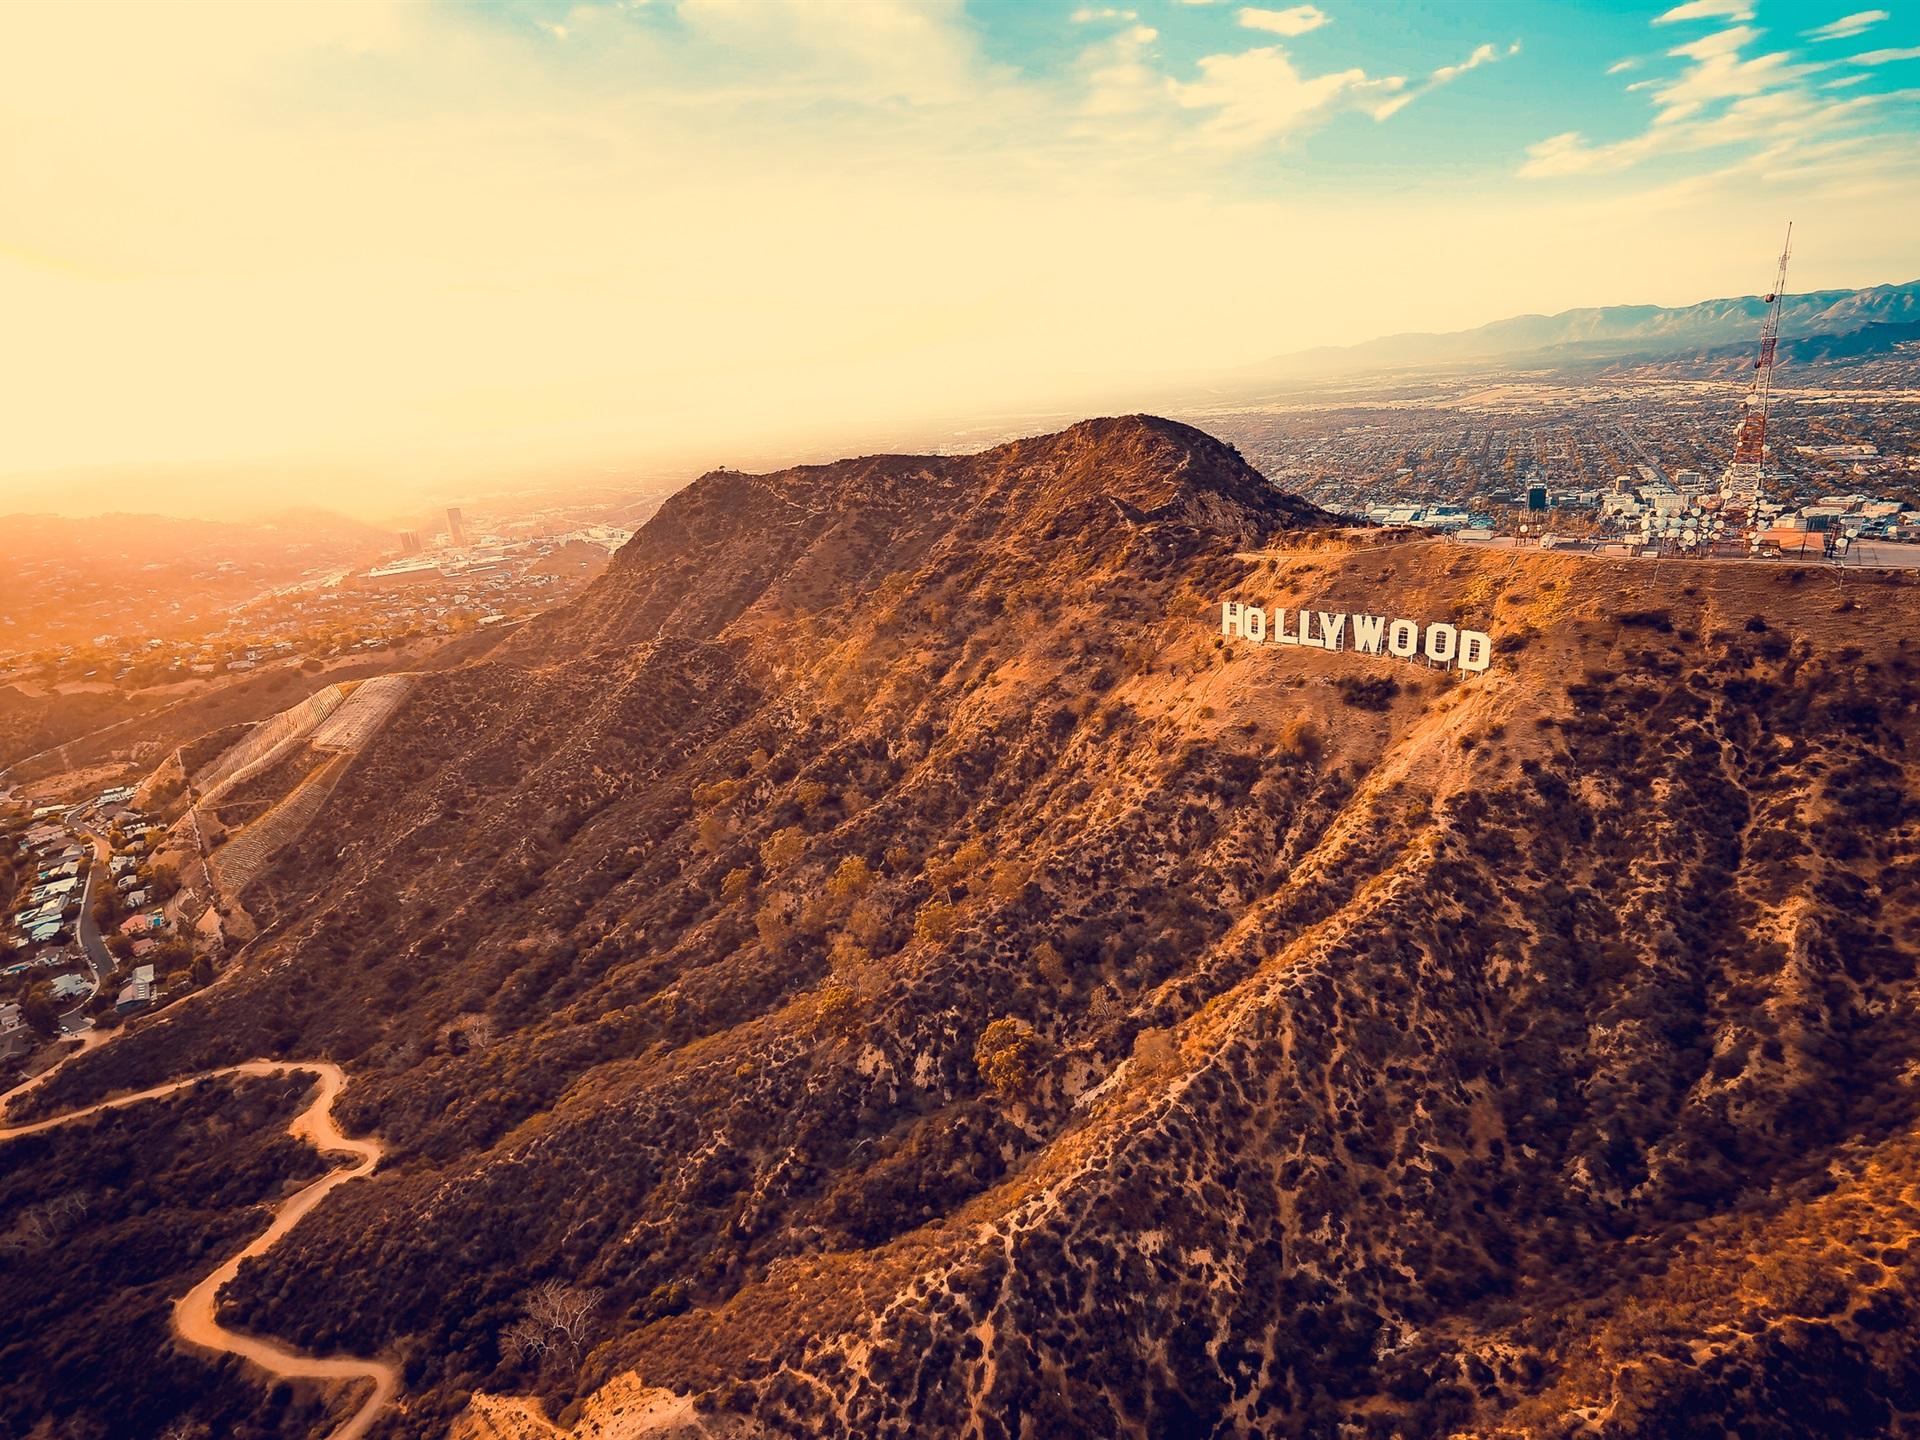 壁紙 ロサンゼルス ハリウッド アメリカ 山 都市 19x1440 Hd 無料のデスクトップの背景 画像